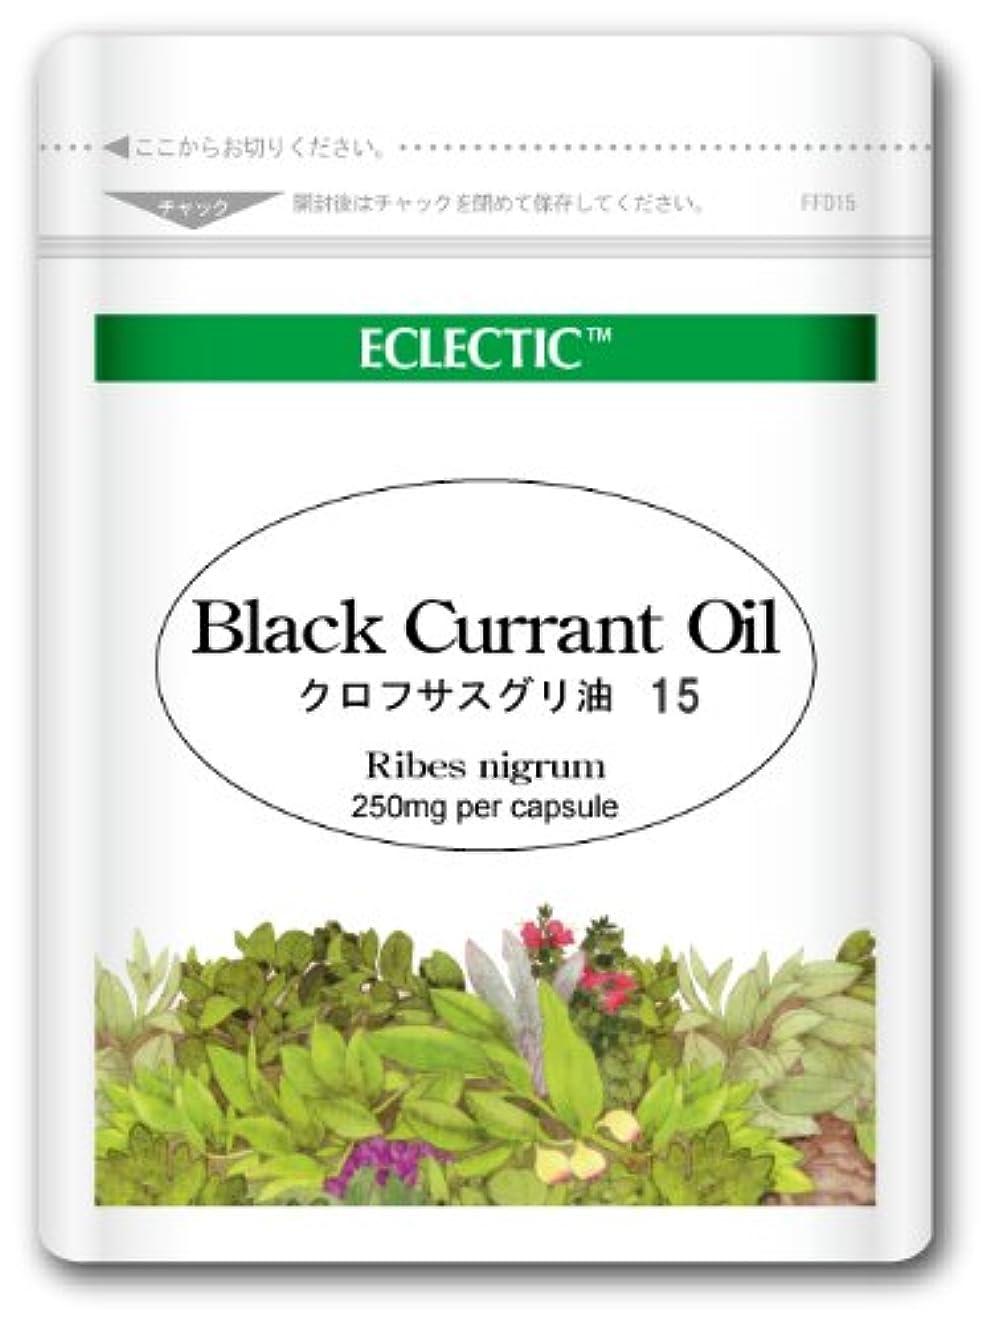 人車注入する【クロフサスグリ油 (Black Currant Oil) オイル 250mg 15カプセル Ecoパック / エクレクティック】